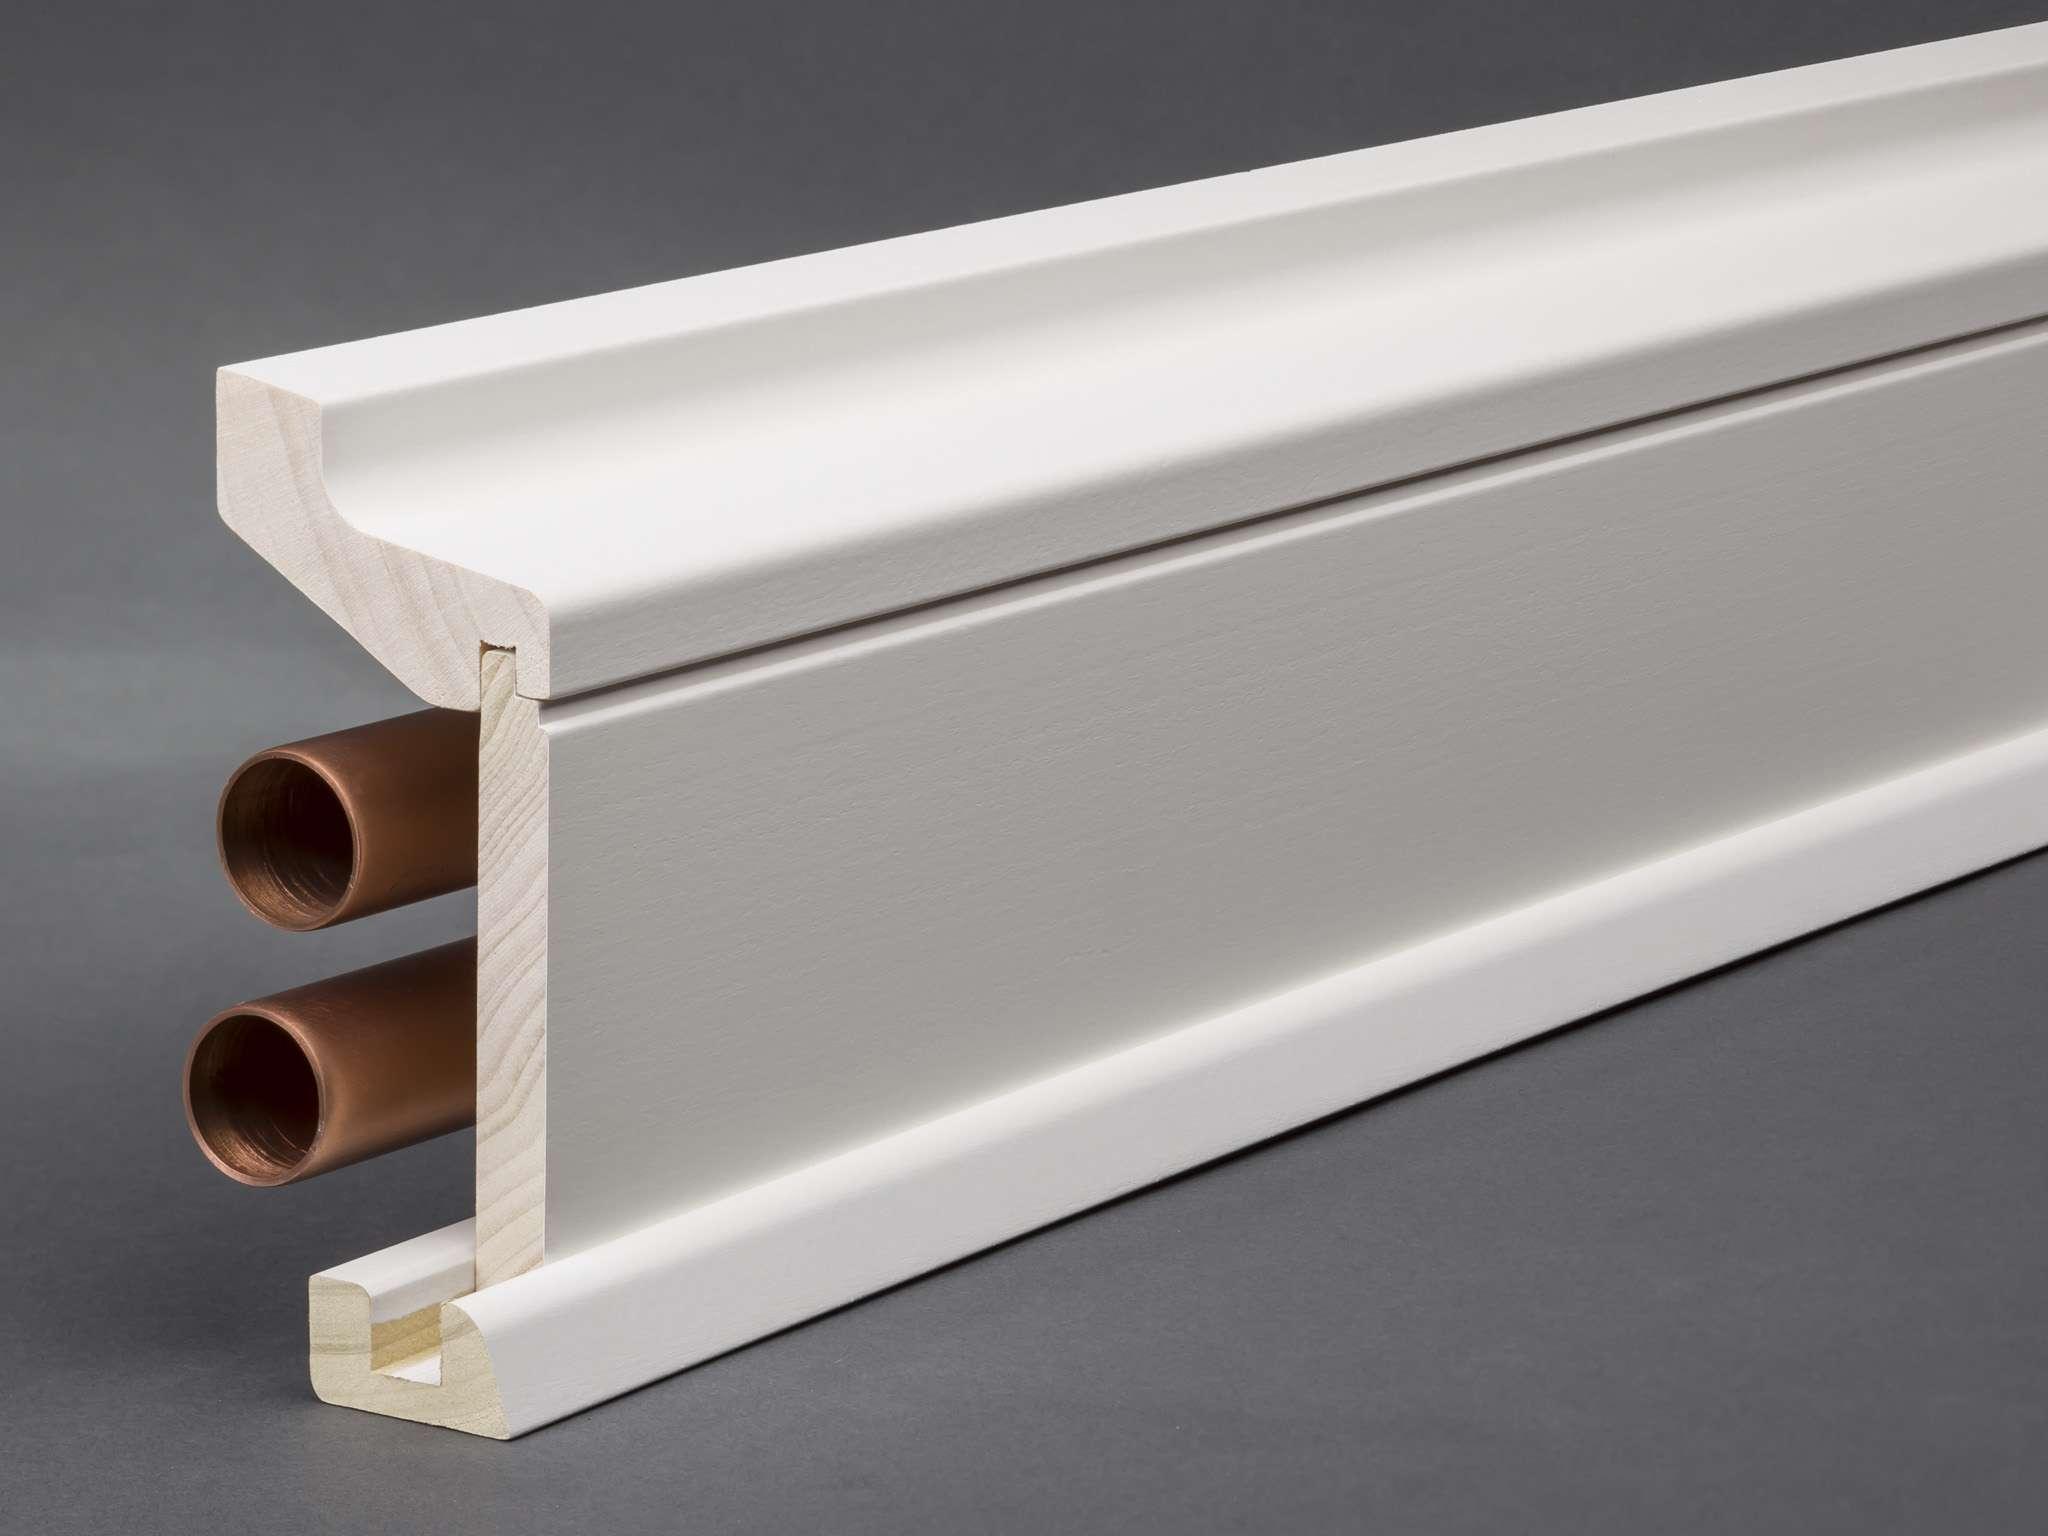 massivholz/mdf weiß lackiert 115x59 mm rohrabdeckleiste oberkante